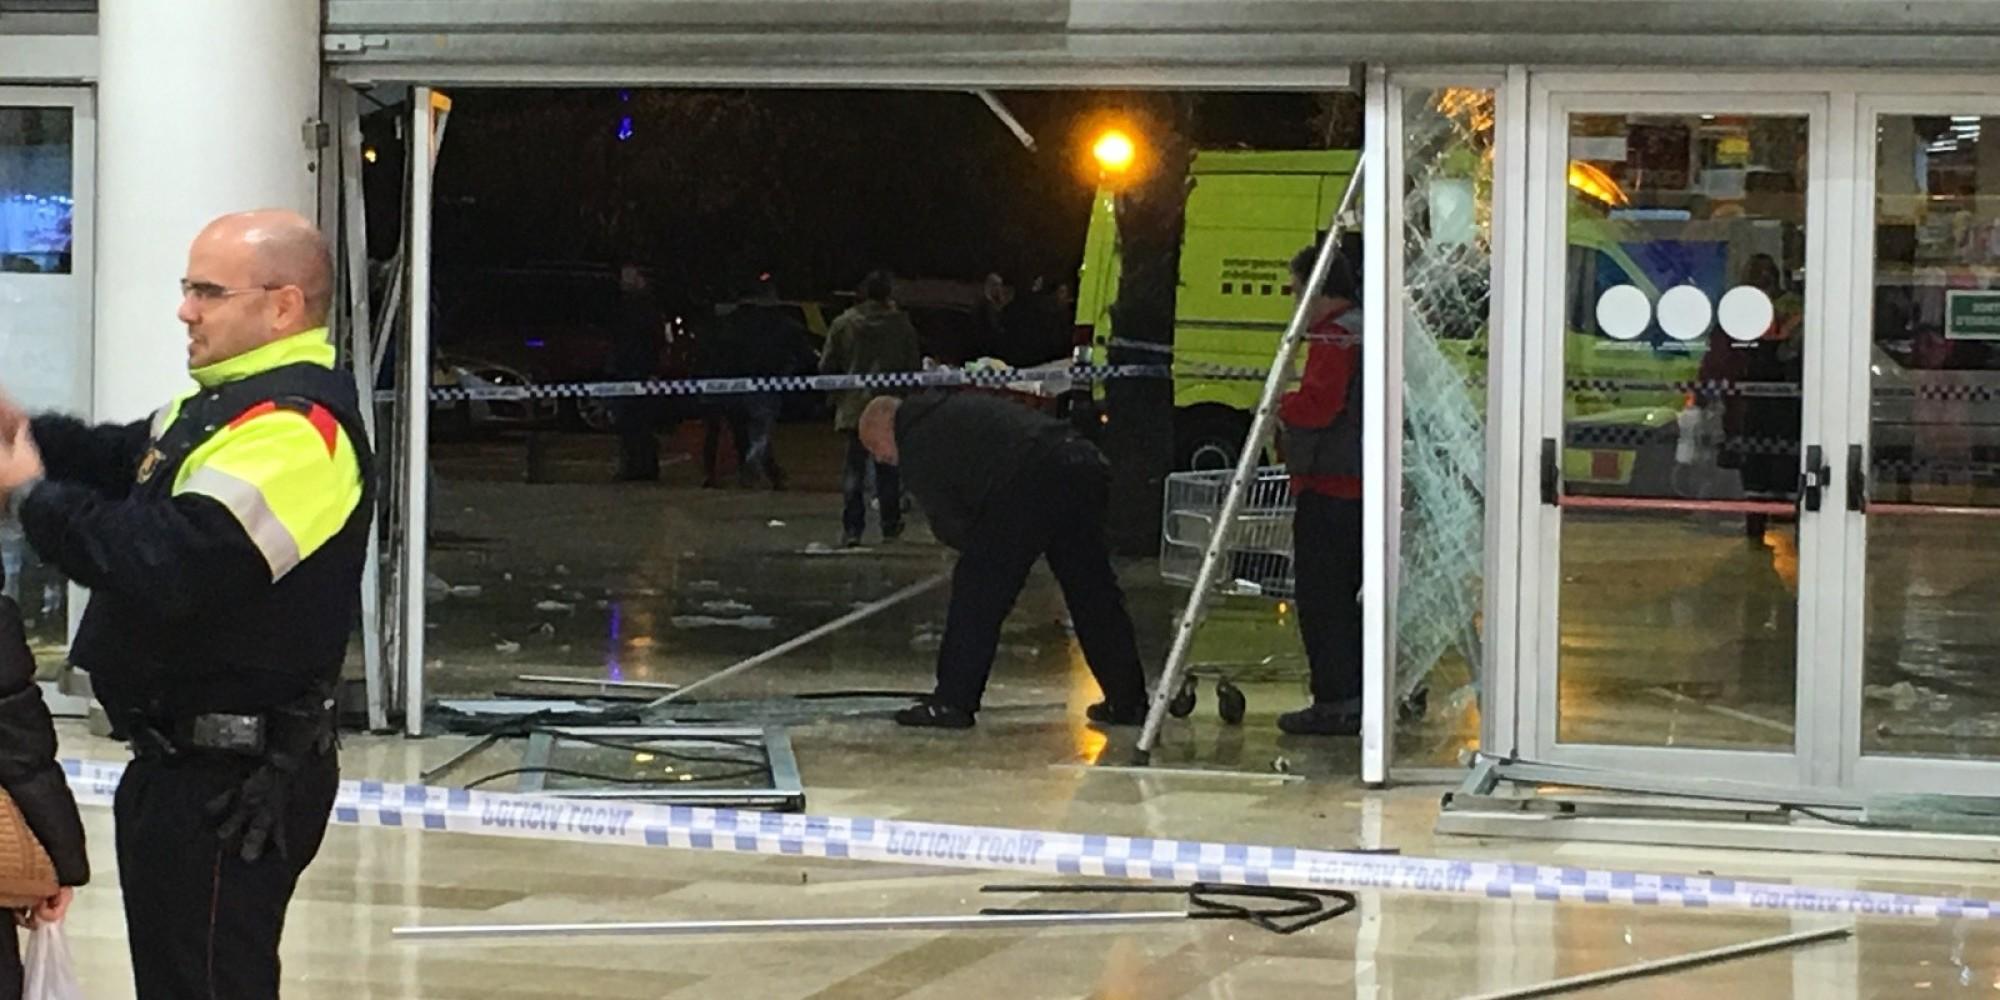 Doce heridos leves tras empotrar los ladrones su coche en - Centro comercial sant boi ...